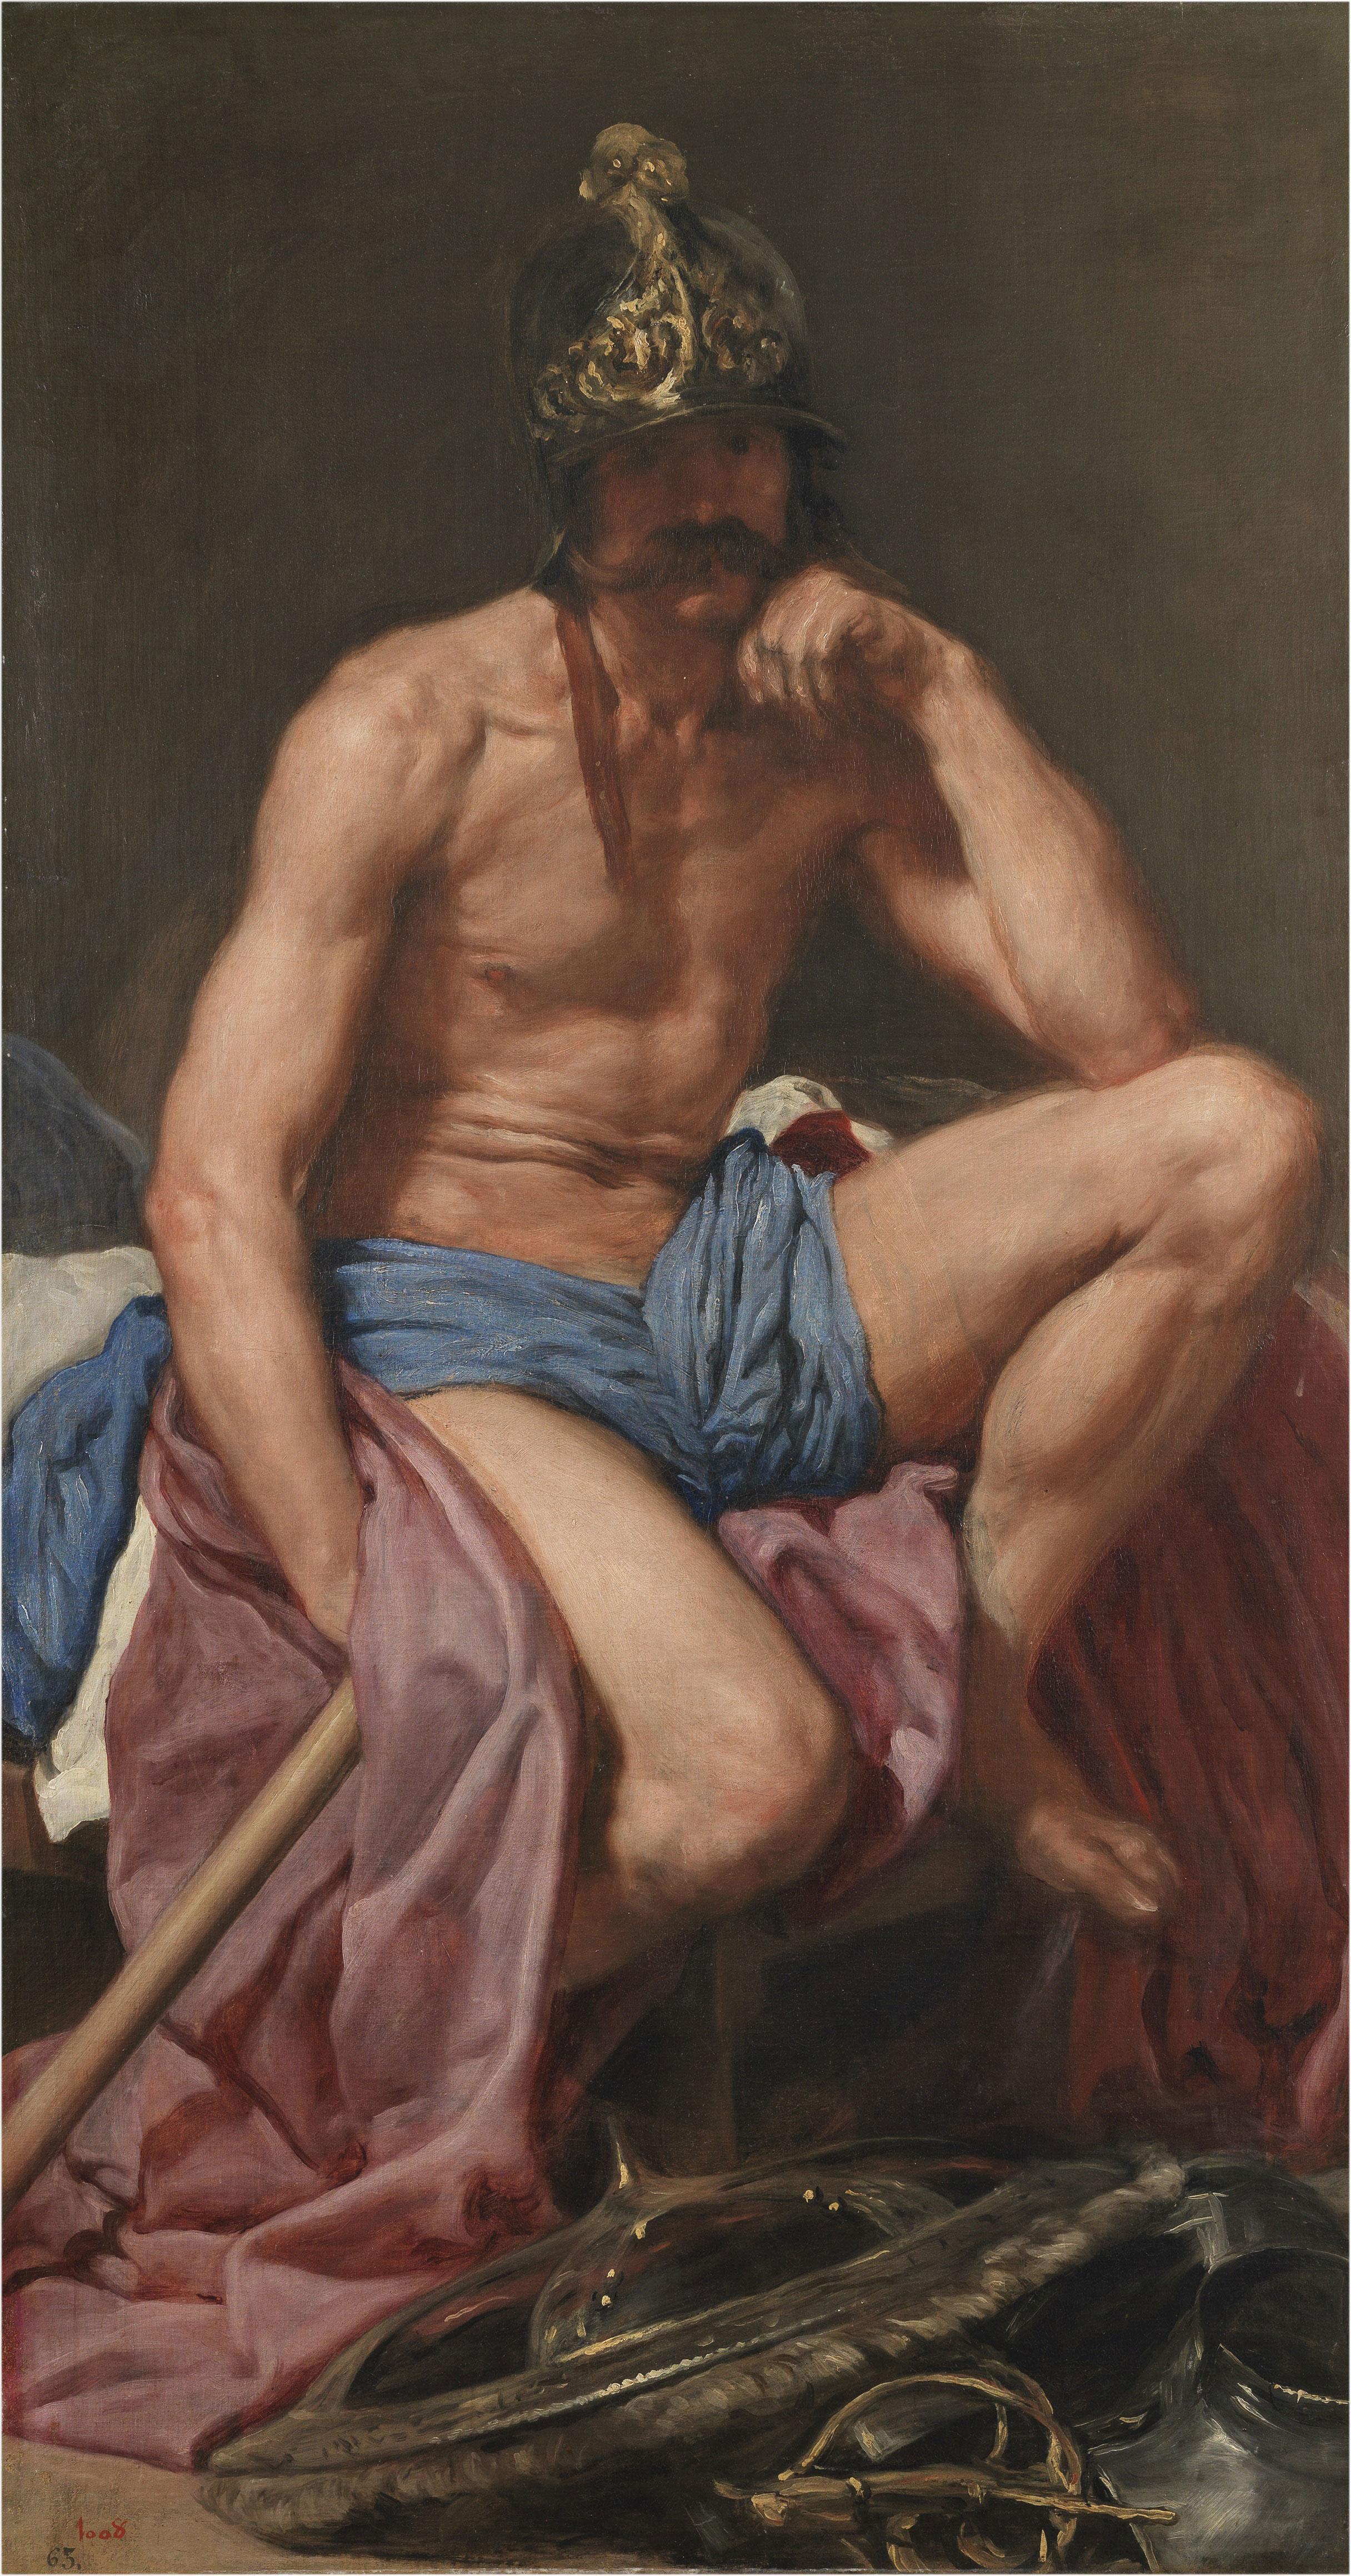 Diego Velázquez, Marte, hacia 1638. Museo Nacional del Prado